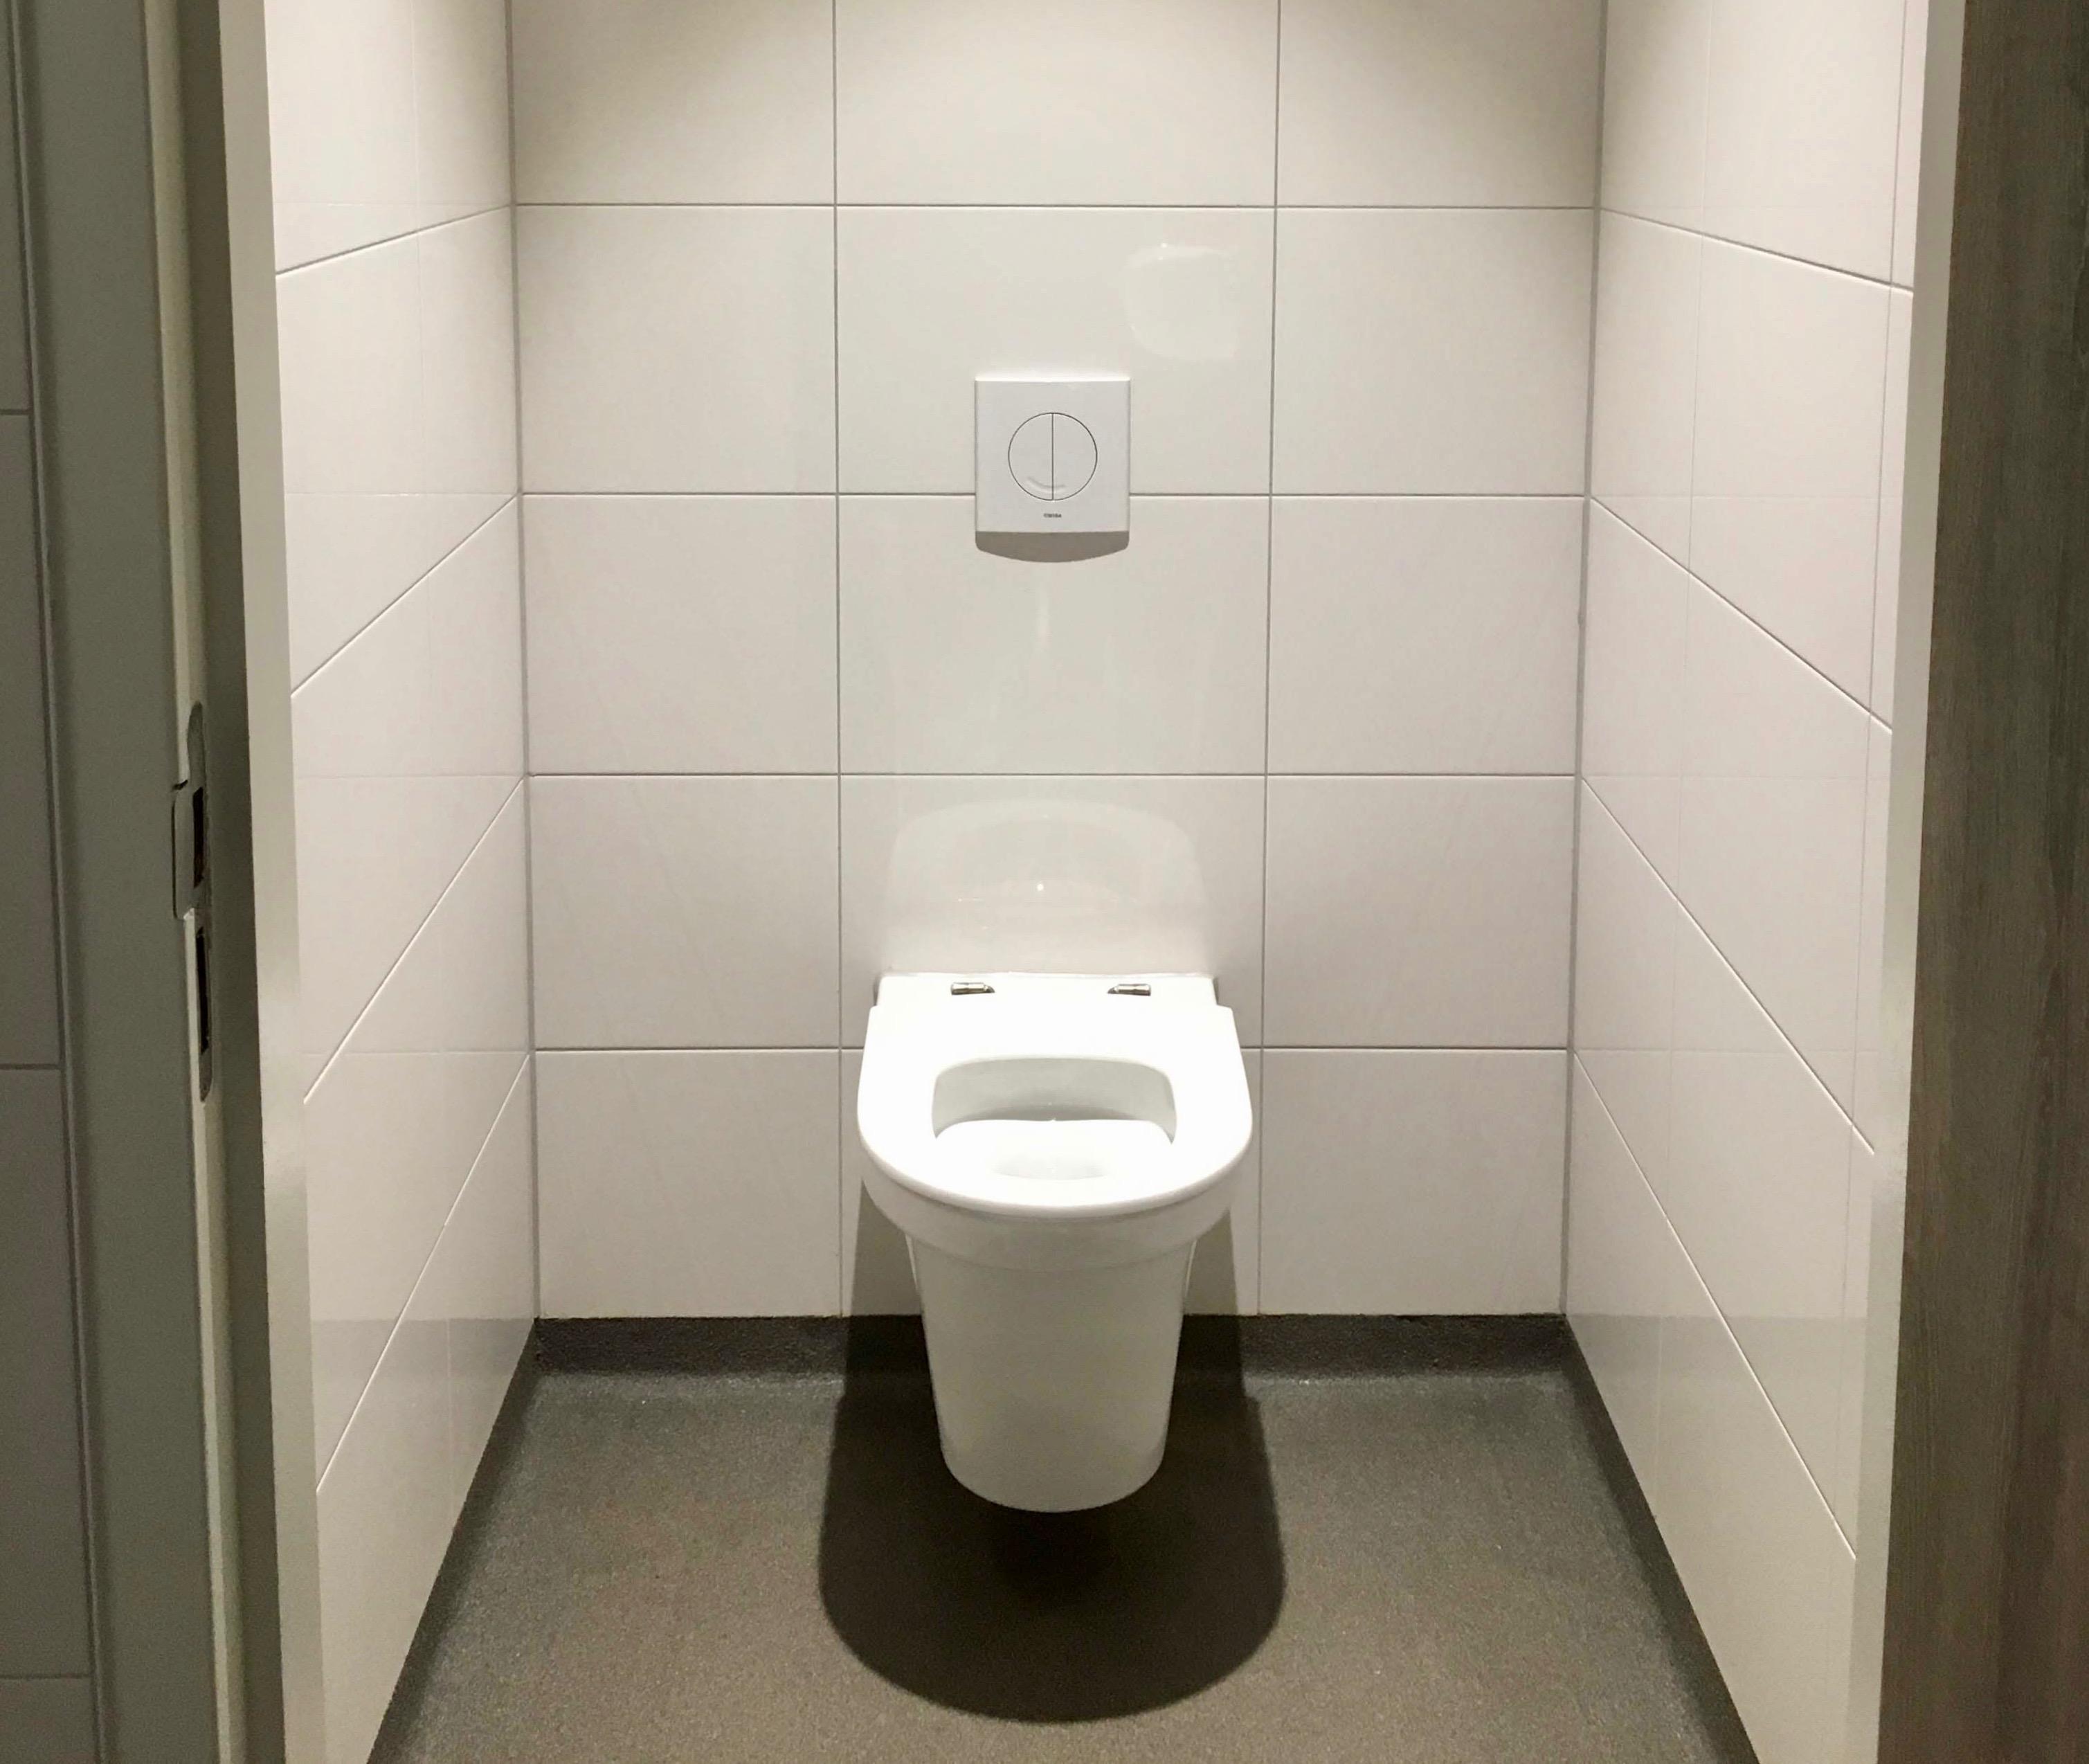 Toletto toiletten Corda Campus Hasselt16_04